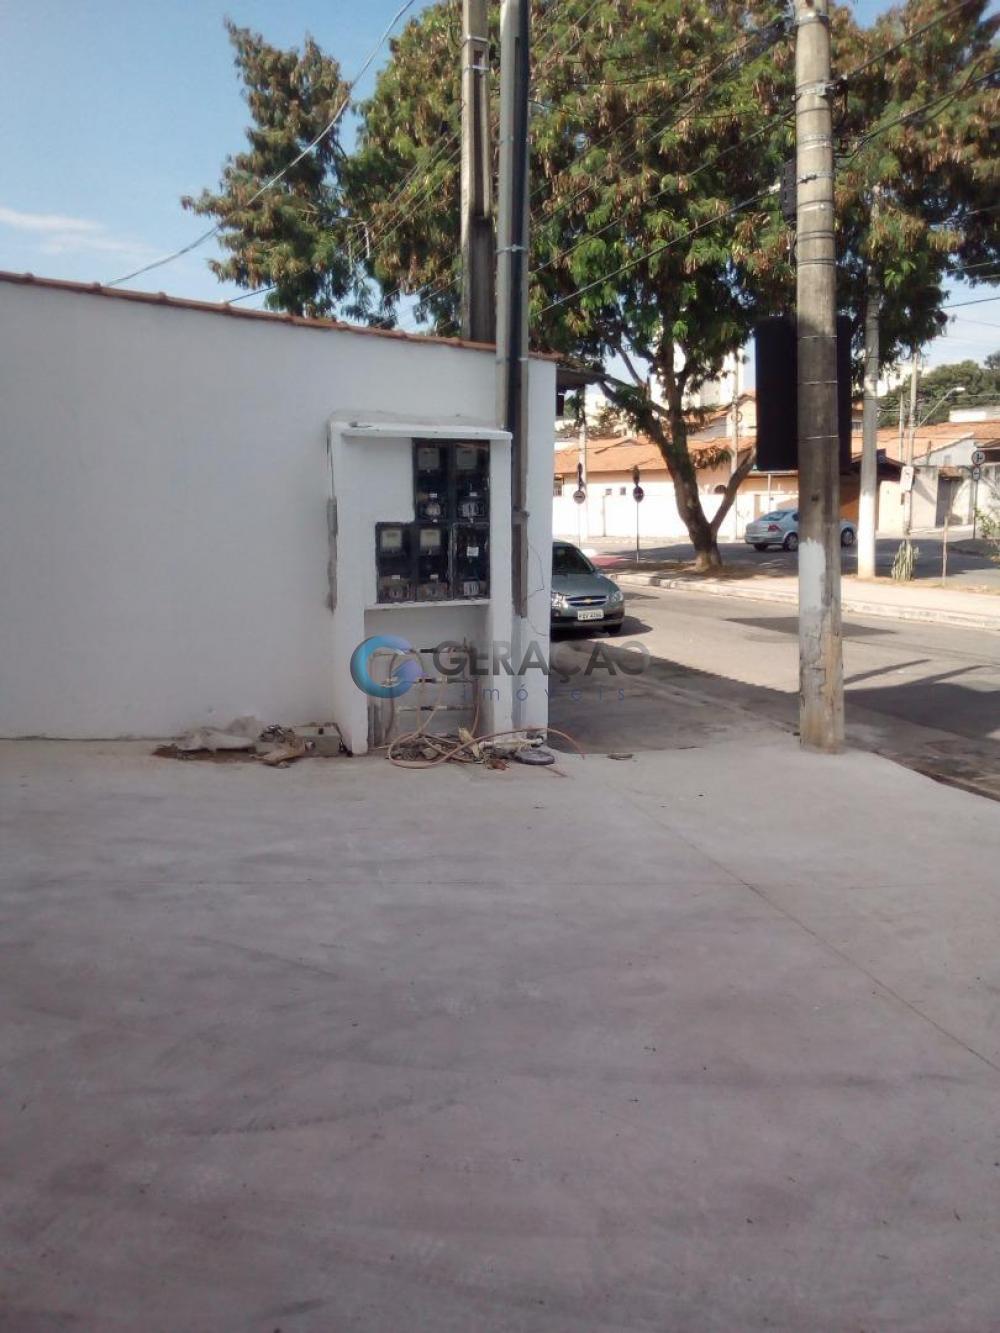 Comprar Comercial / Prédio em São José dos Campos R$ 1.100.000,00 - Foto 8